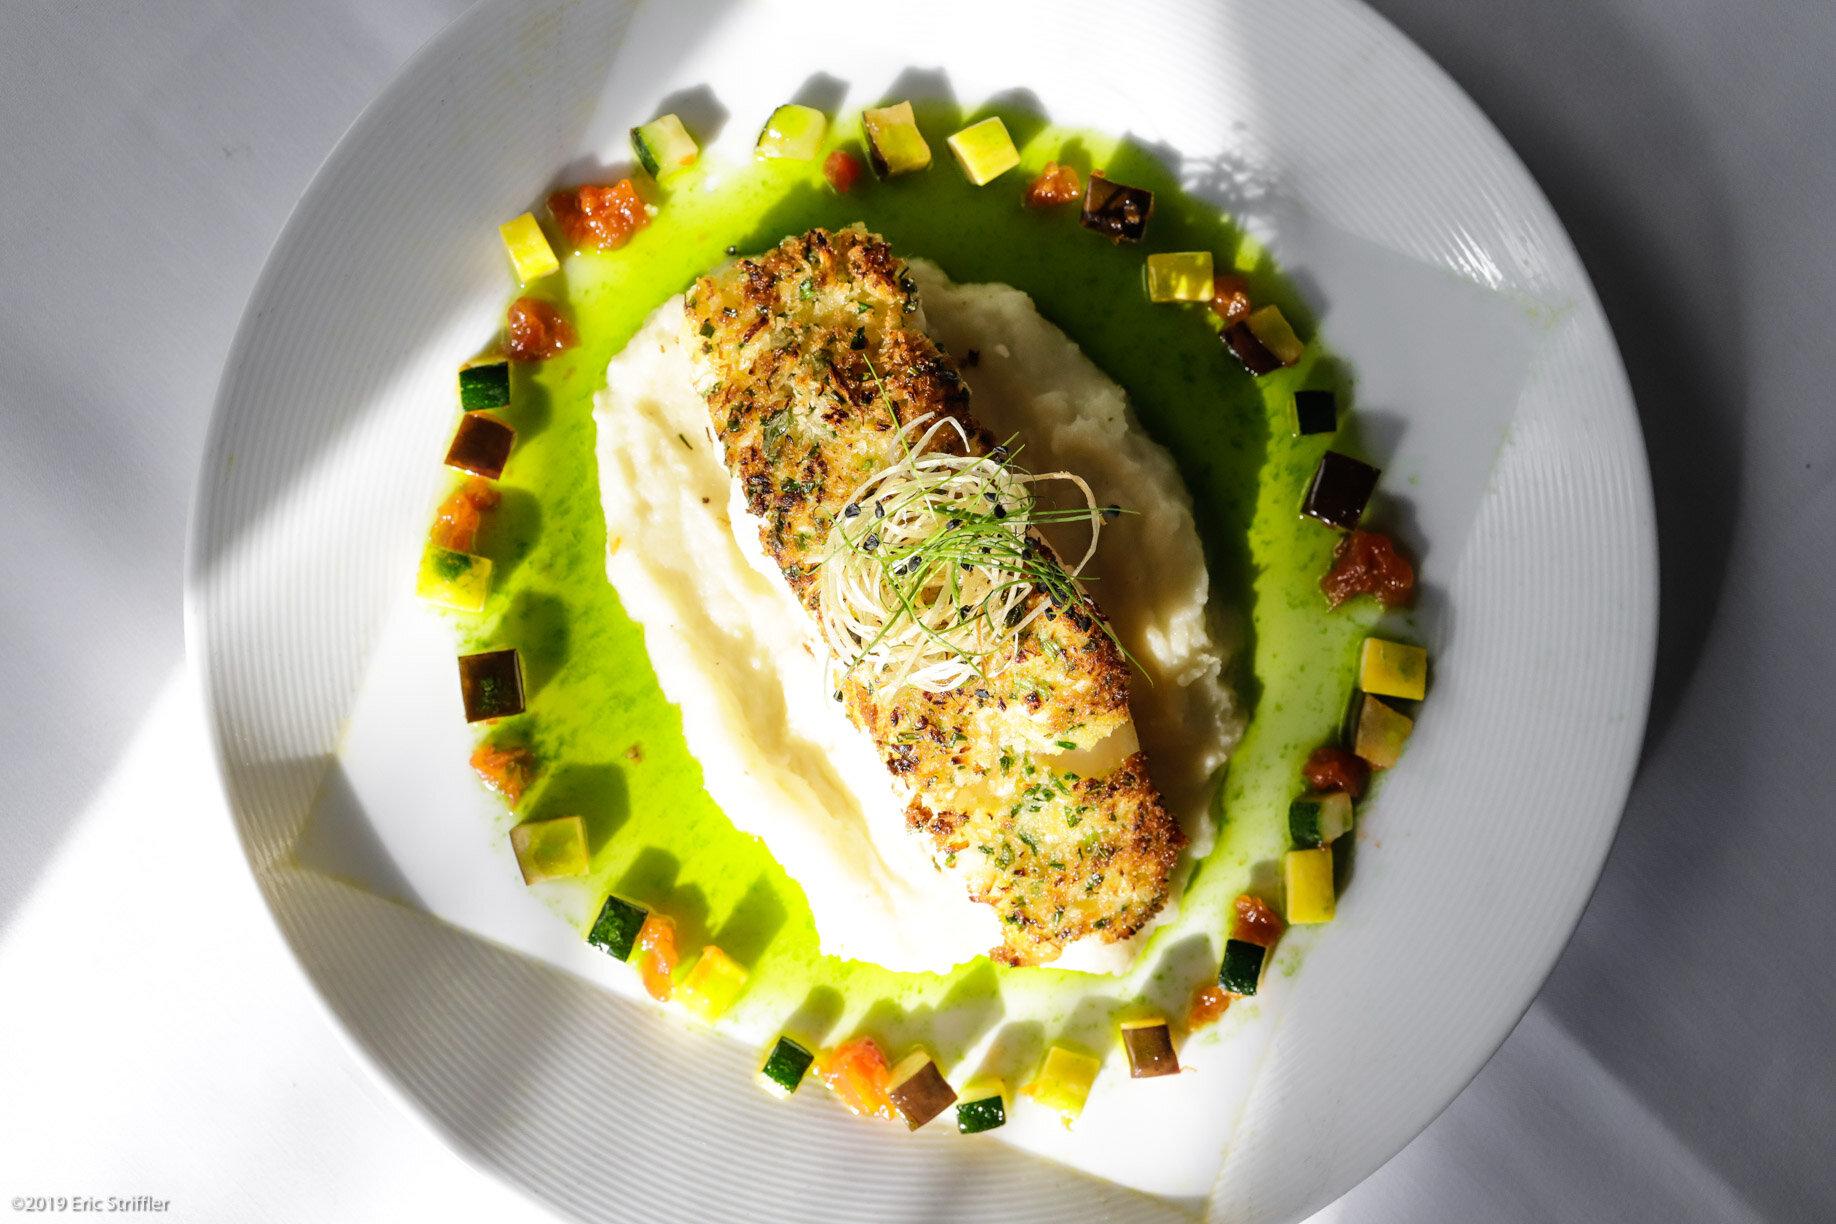 plaza_cafe-food9-25-19-9594.jpg